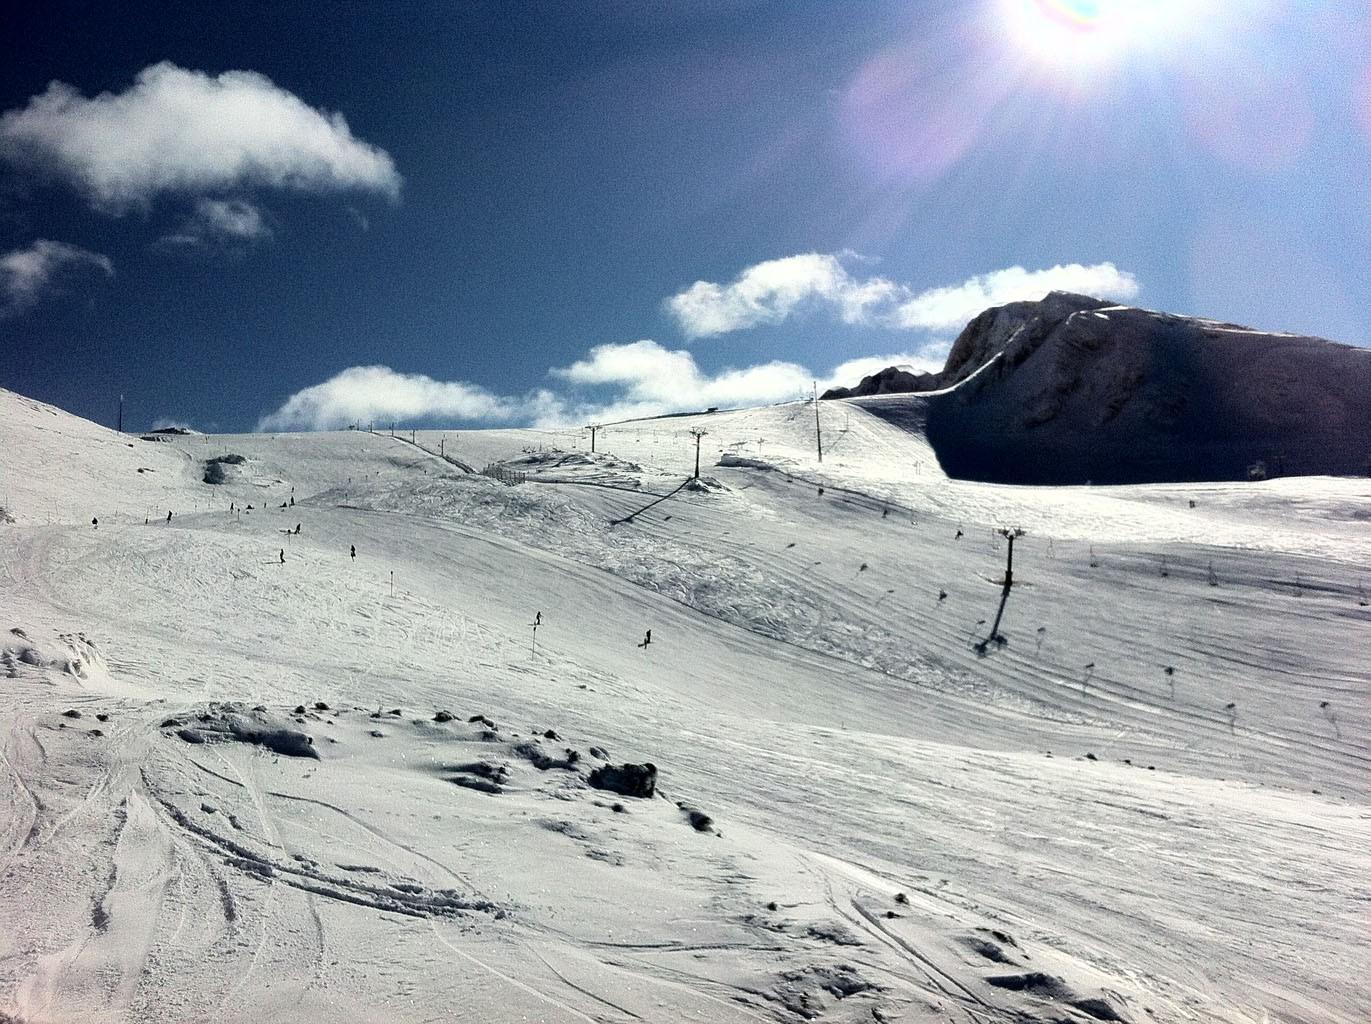 Ταβέρνα Ο Νώντας - Αξιοθέατα - Χιονοδρομικό Κέντρο Παρνασσού